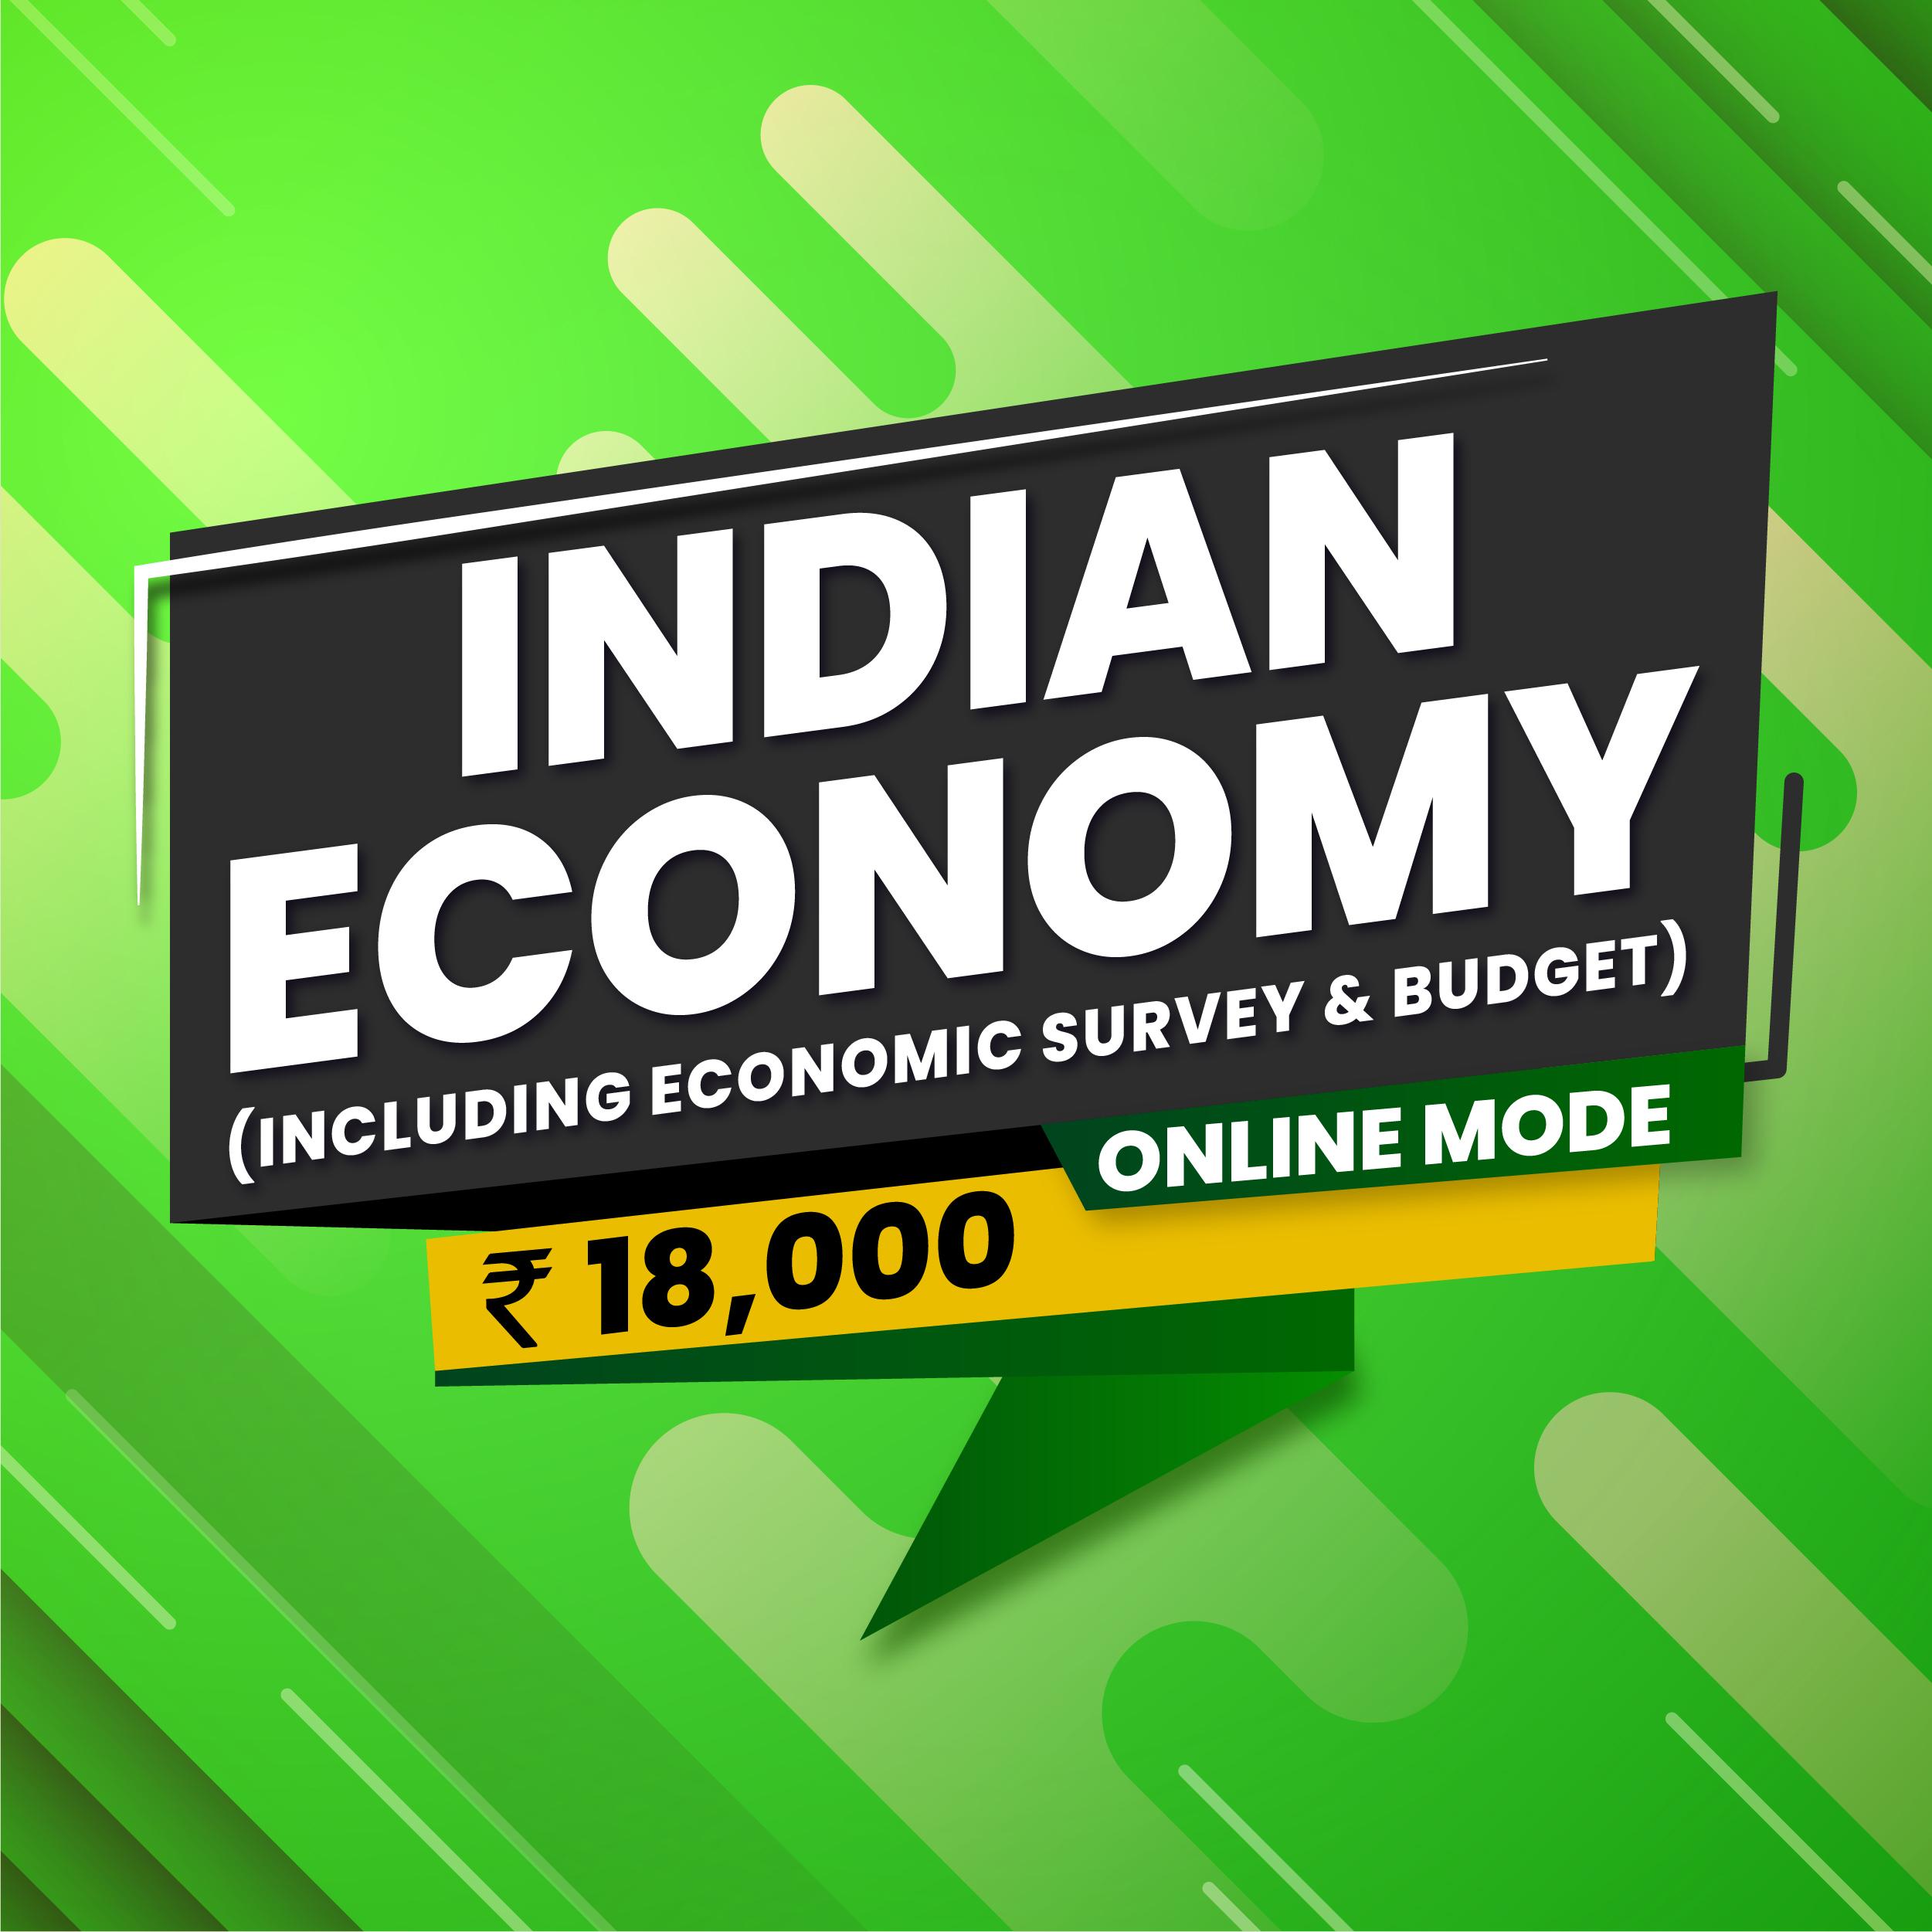 Indian Economy  (Including Economic Survey & Budget)